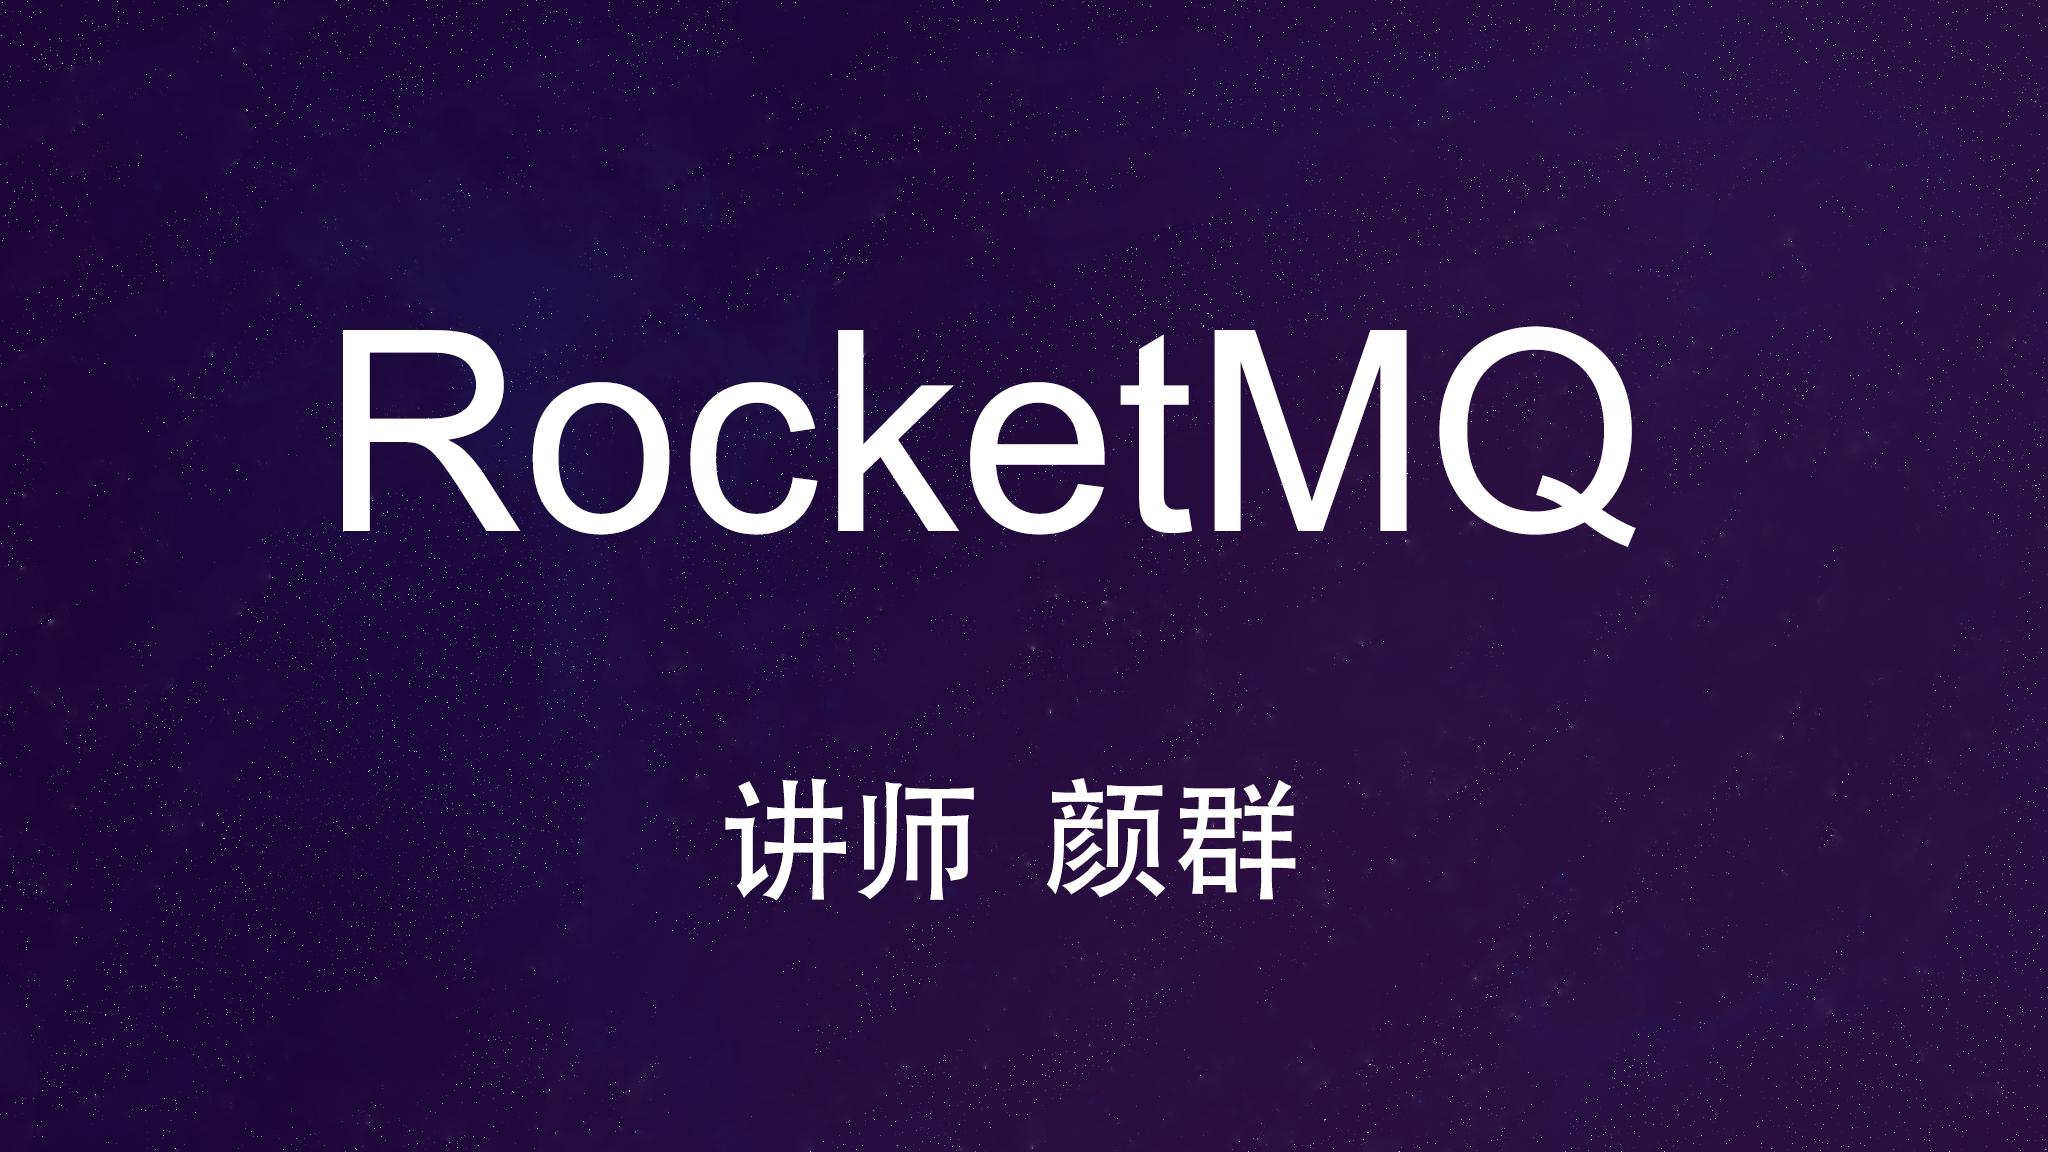 消息队列RocketMQ基础与提升